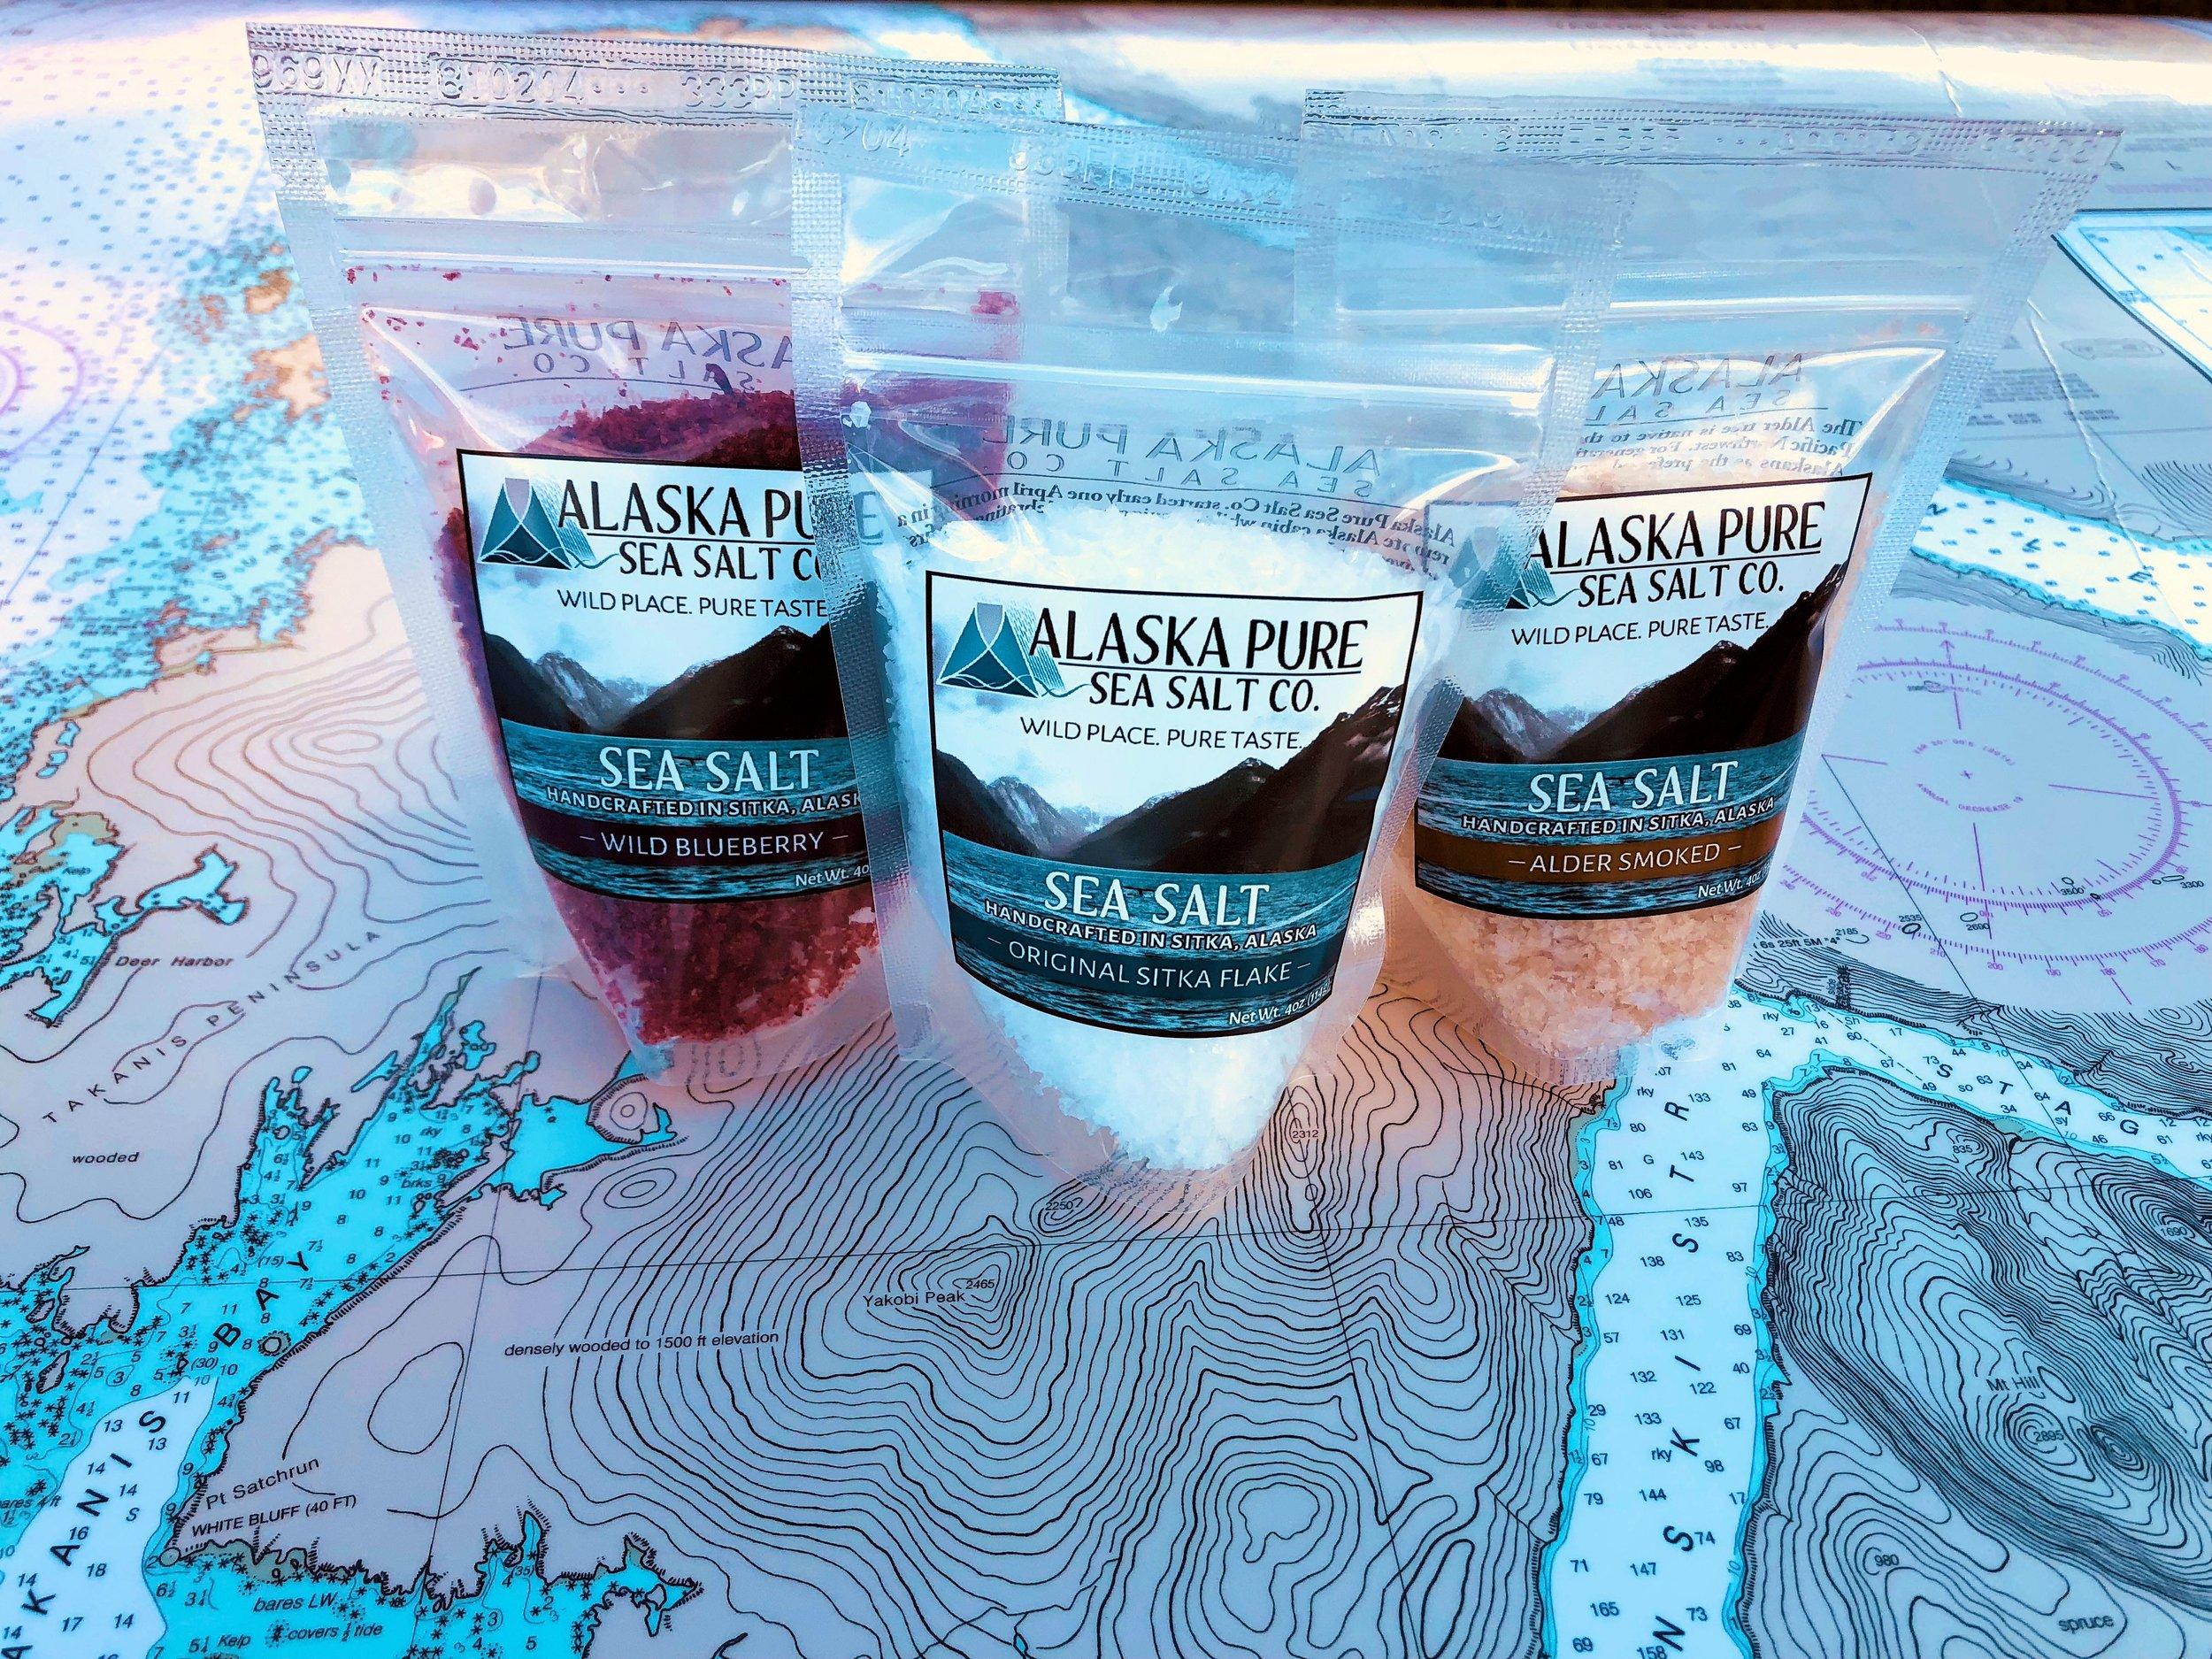 Alaska Pure Sea Salt.jpg